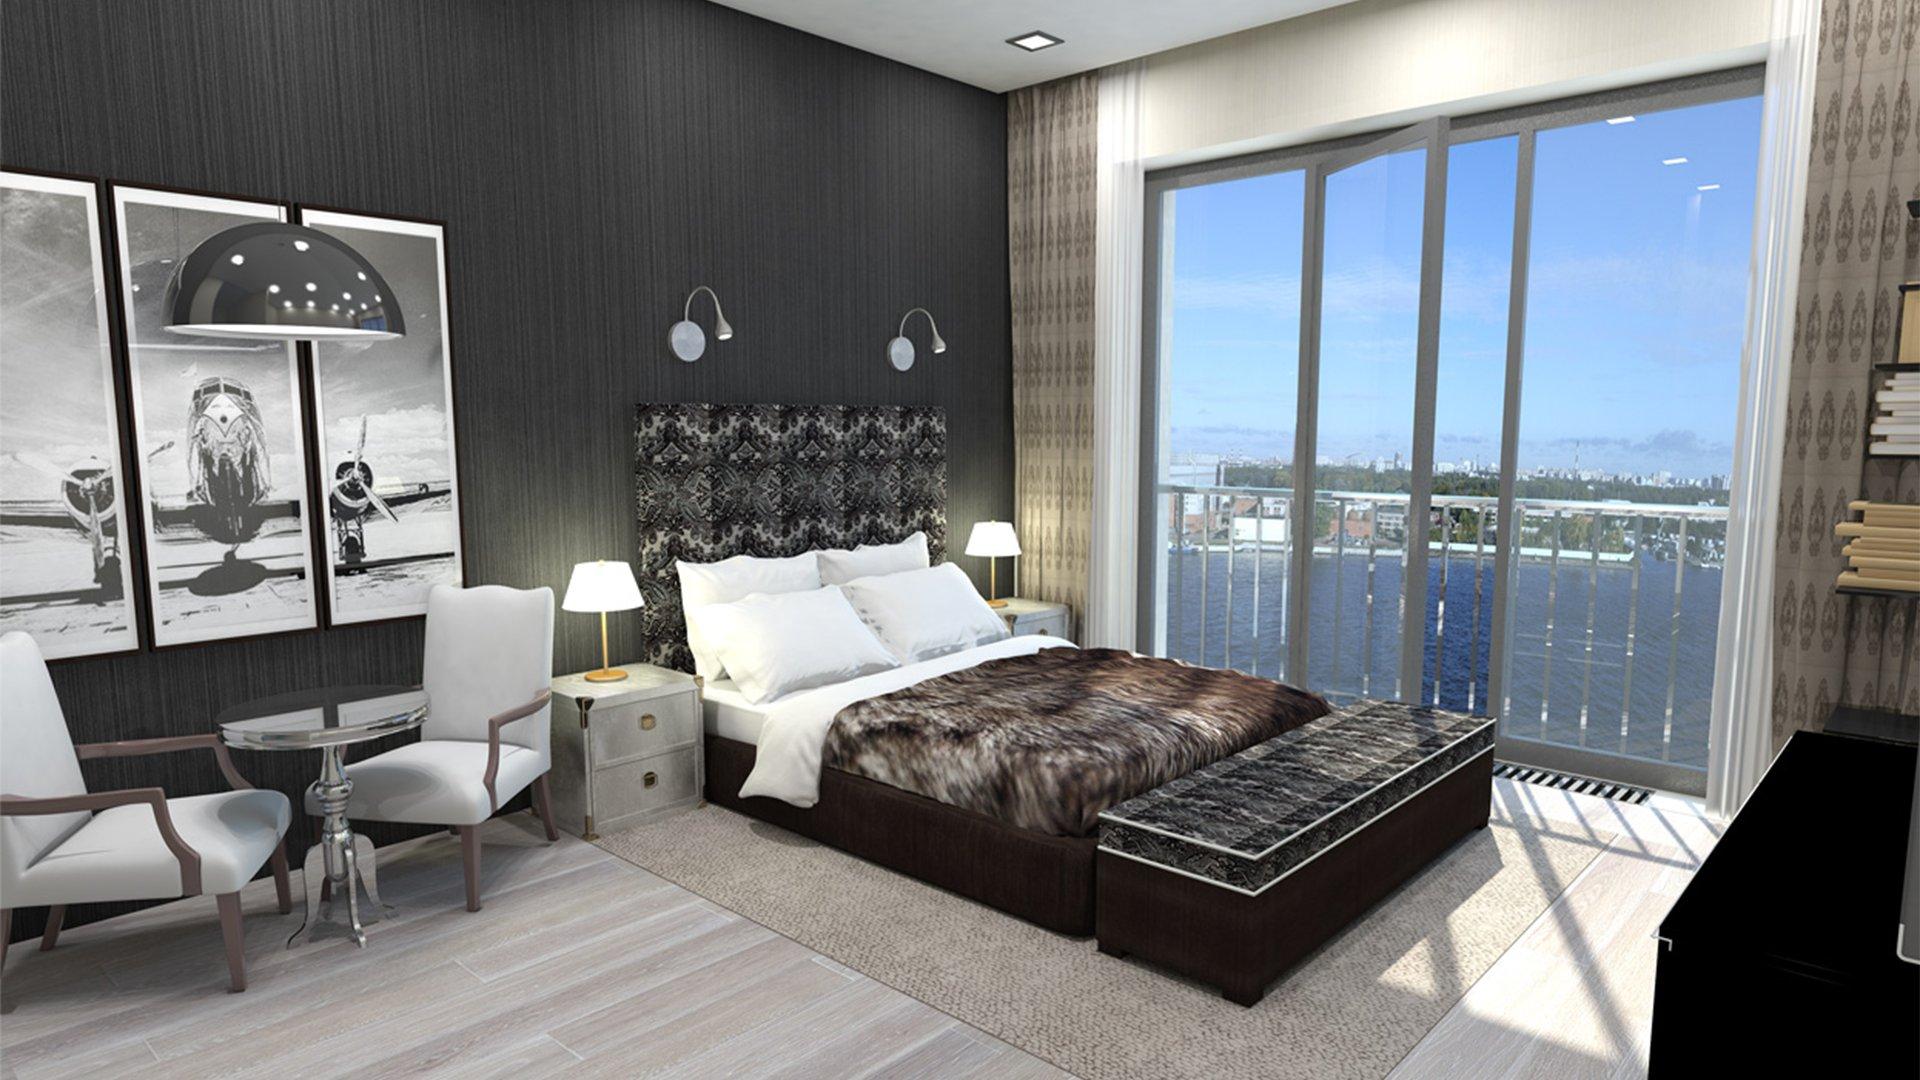 Вариант дизайна интерьера элитных апартаментов